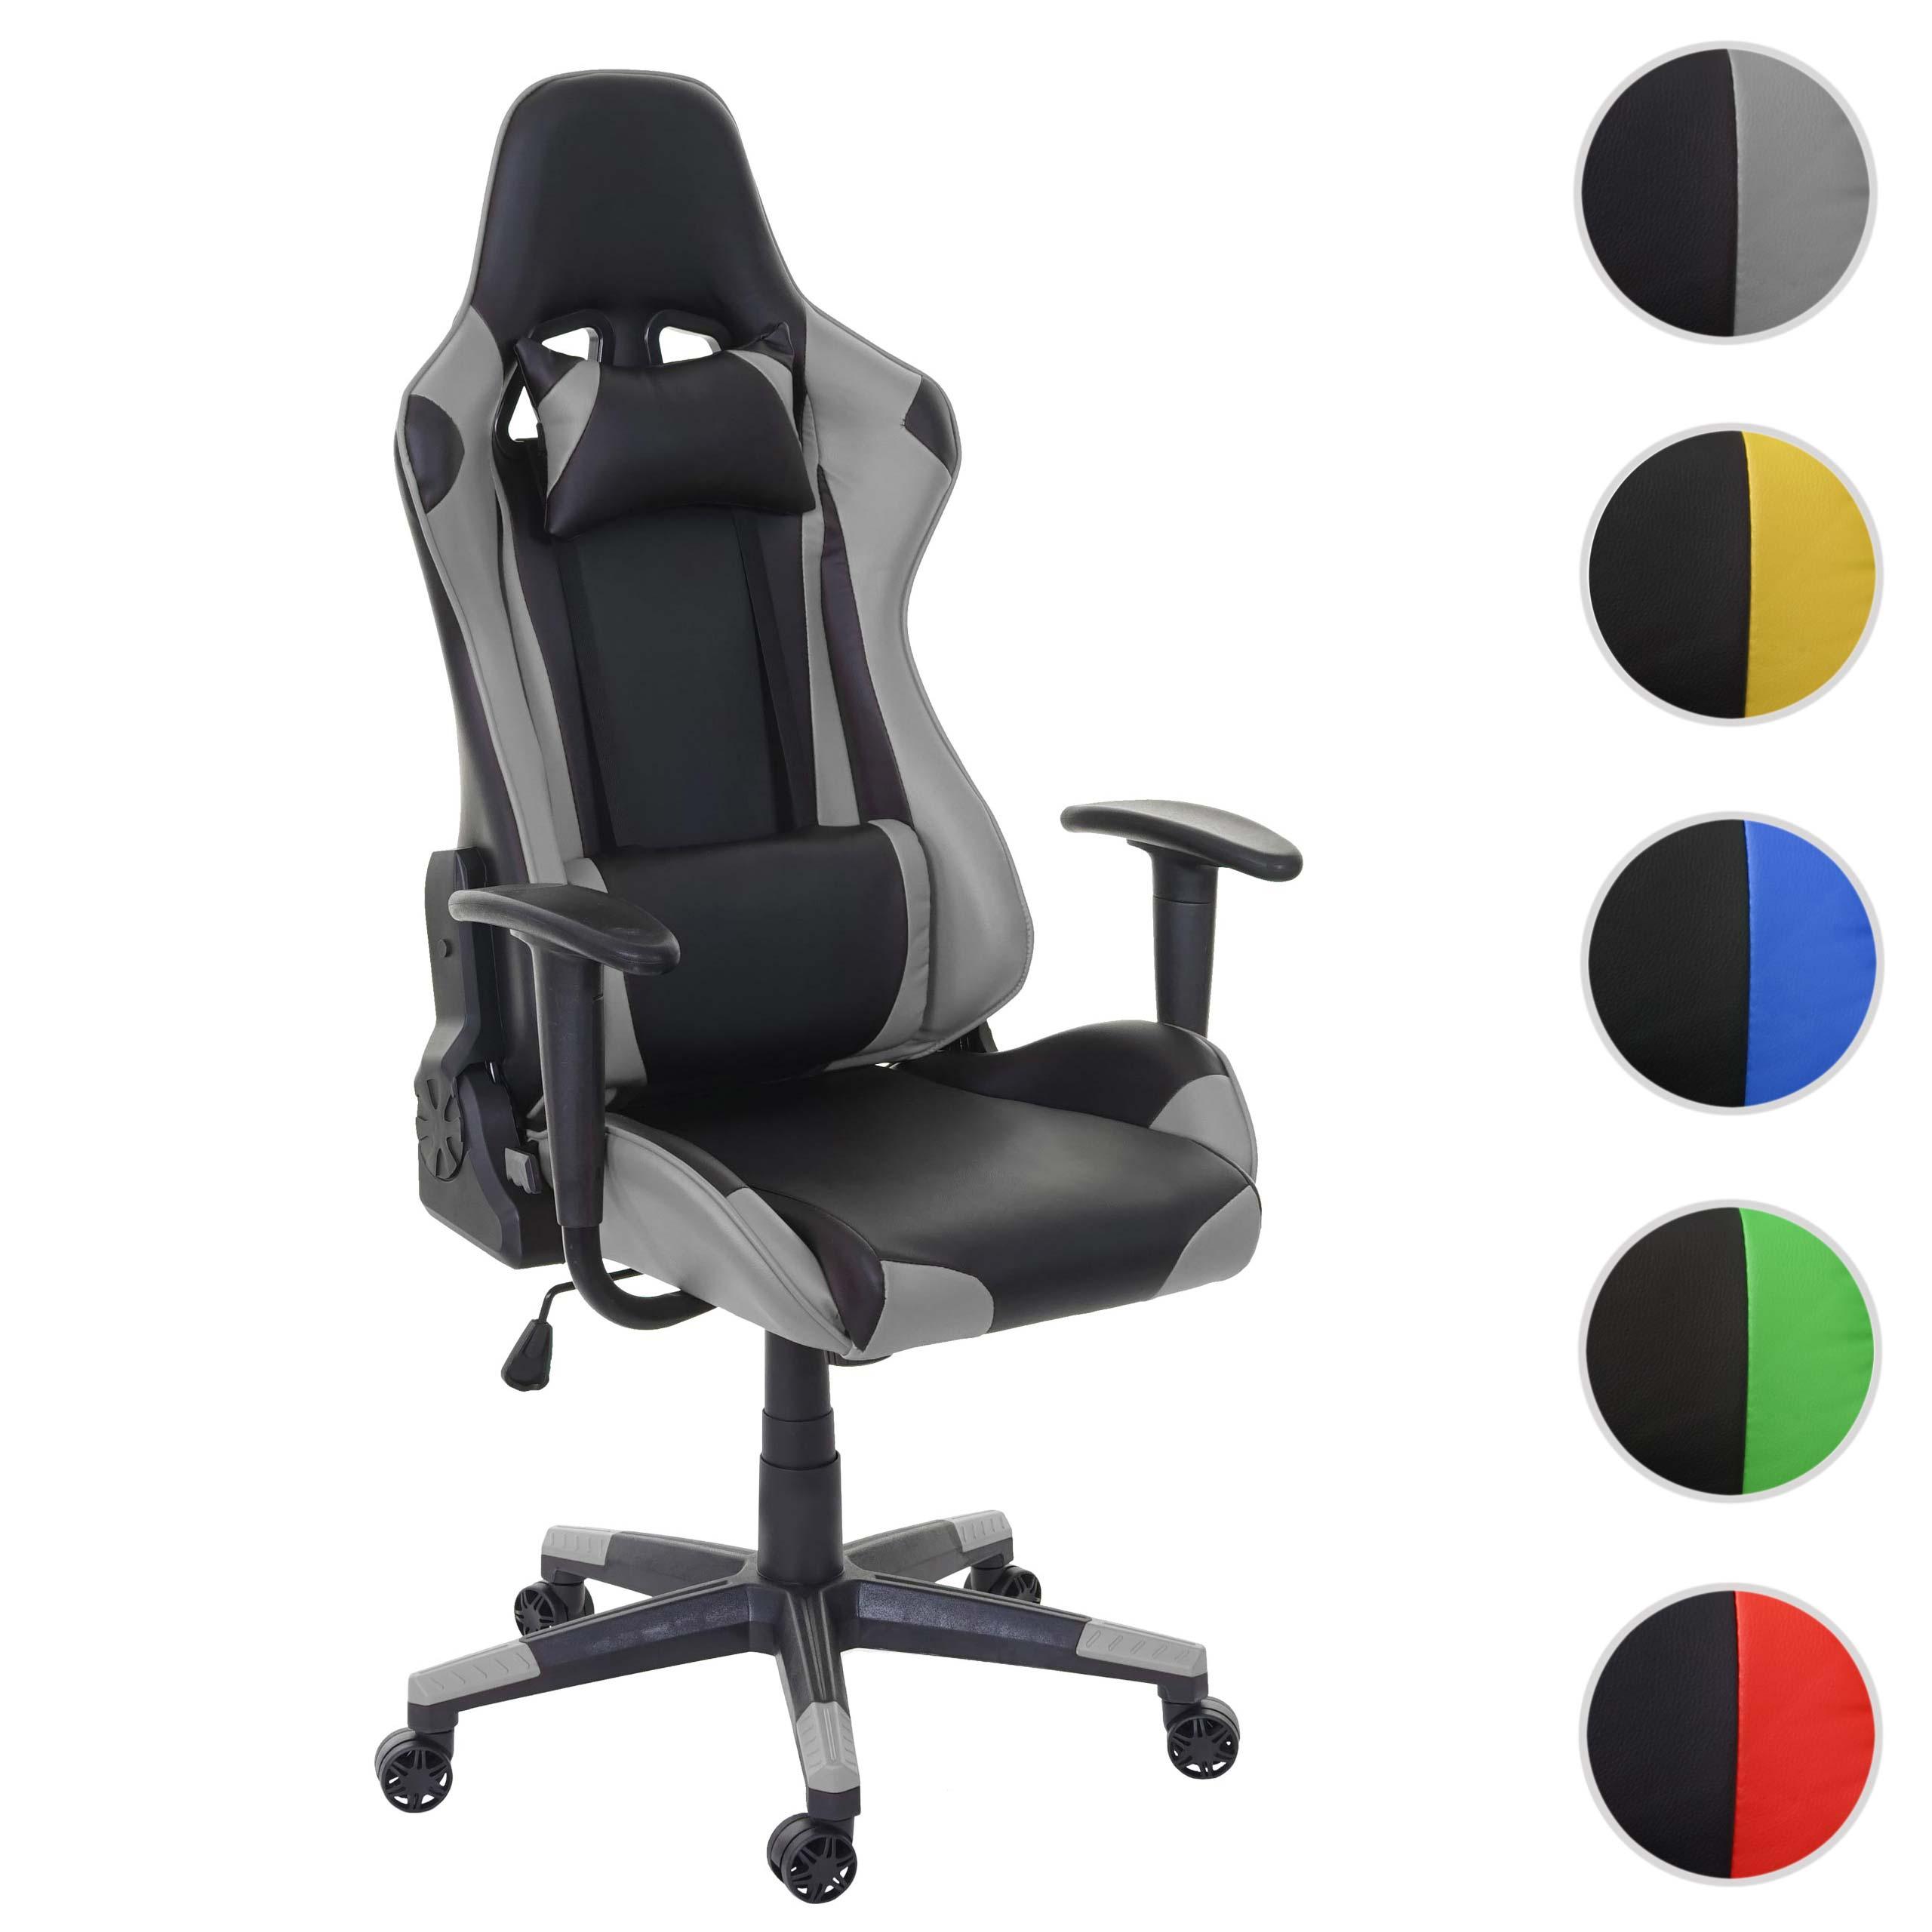 Mendler Bürostuhl HWC-D25, Schreibtischstuhl Gamingstuhl Chefsessel Bürosessel, 150kg belastbar Kunstleder ~ 62592